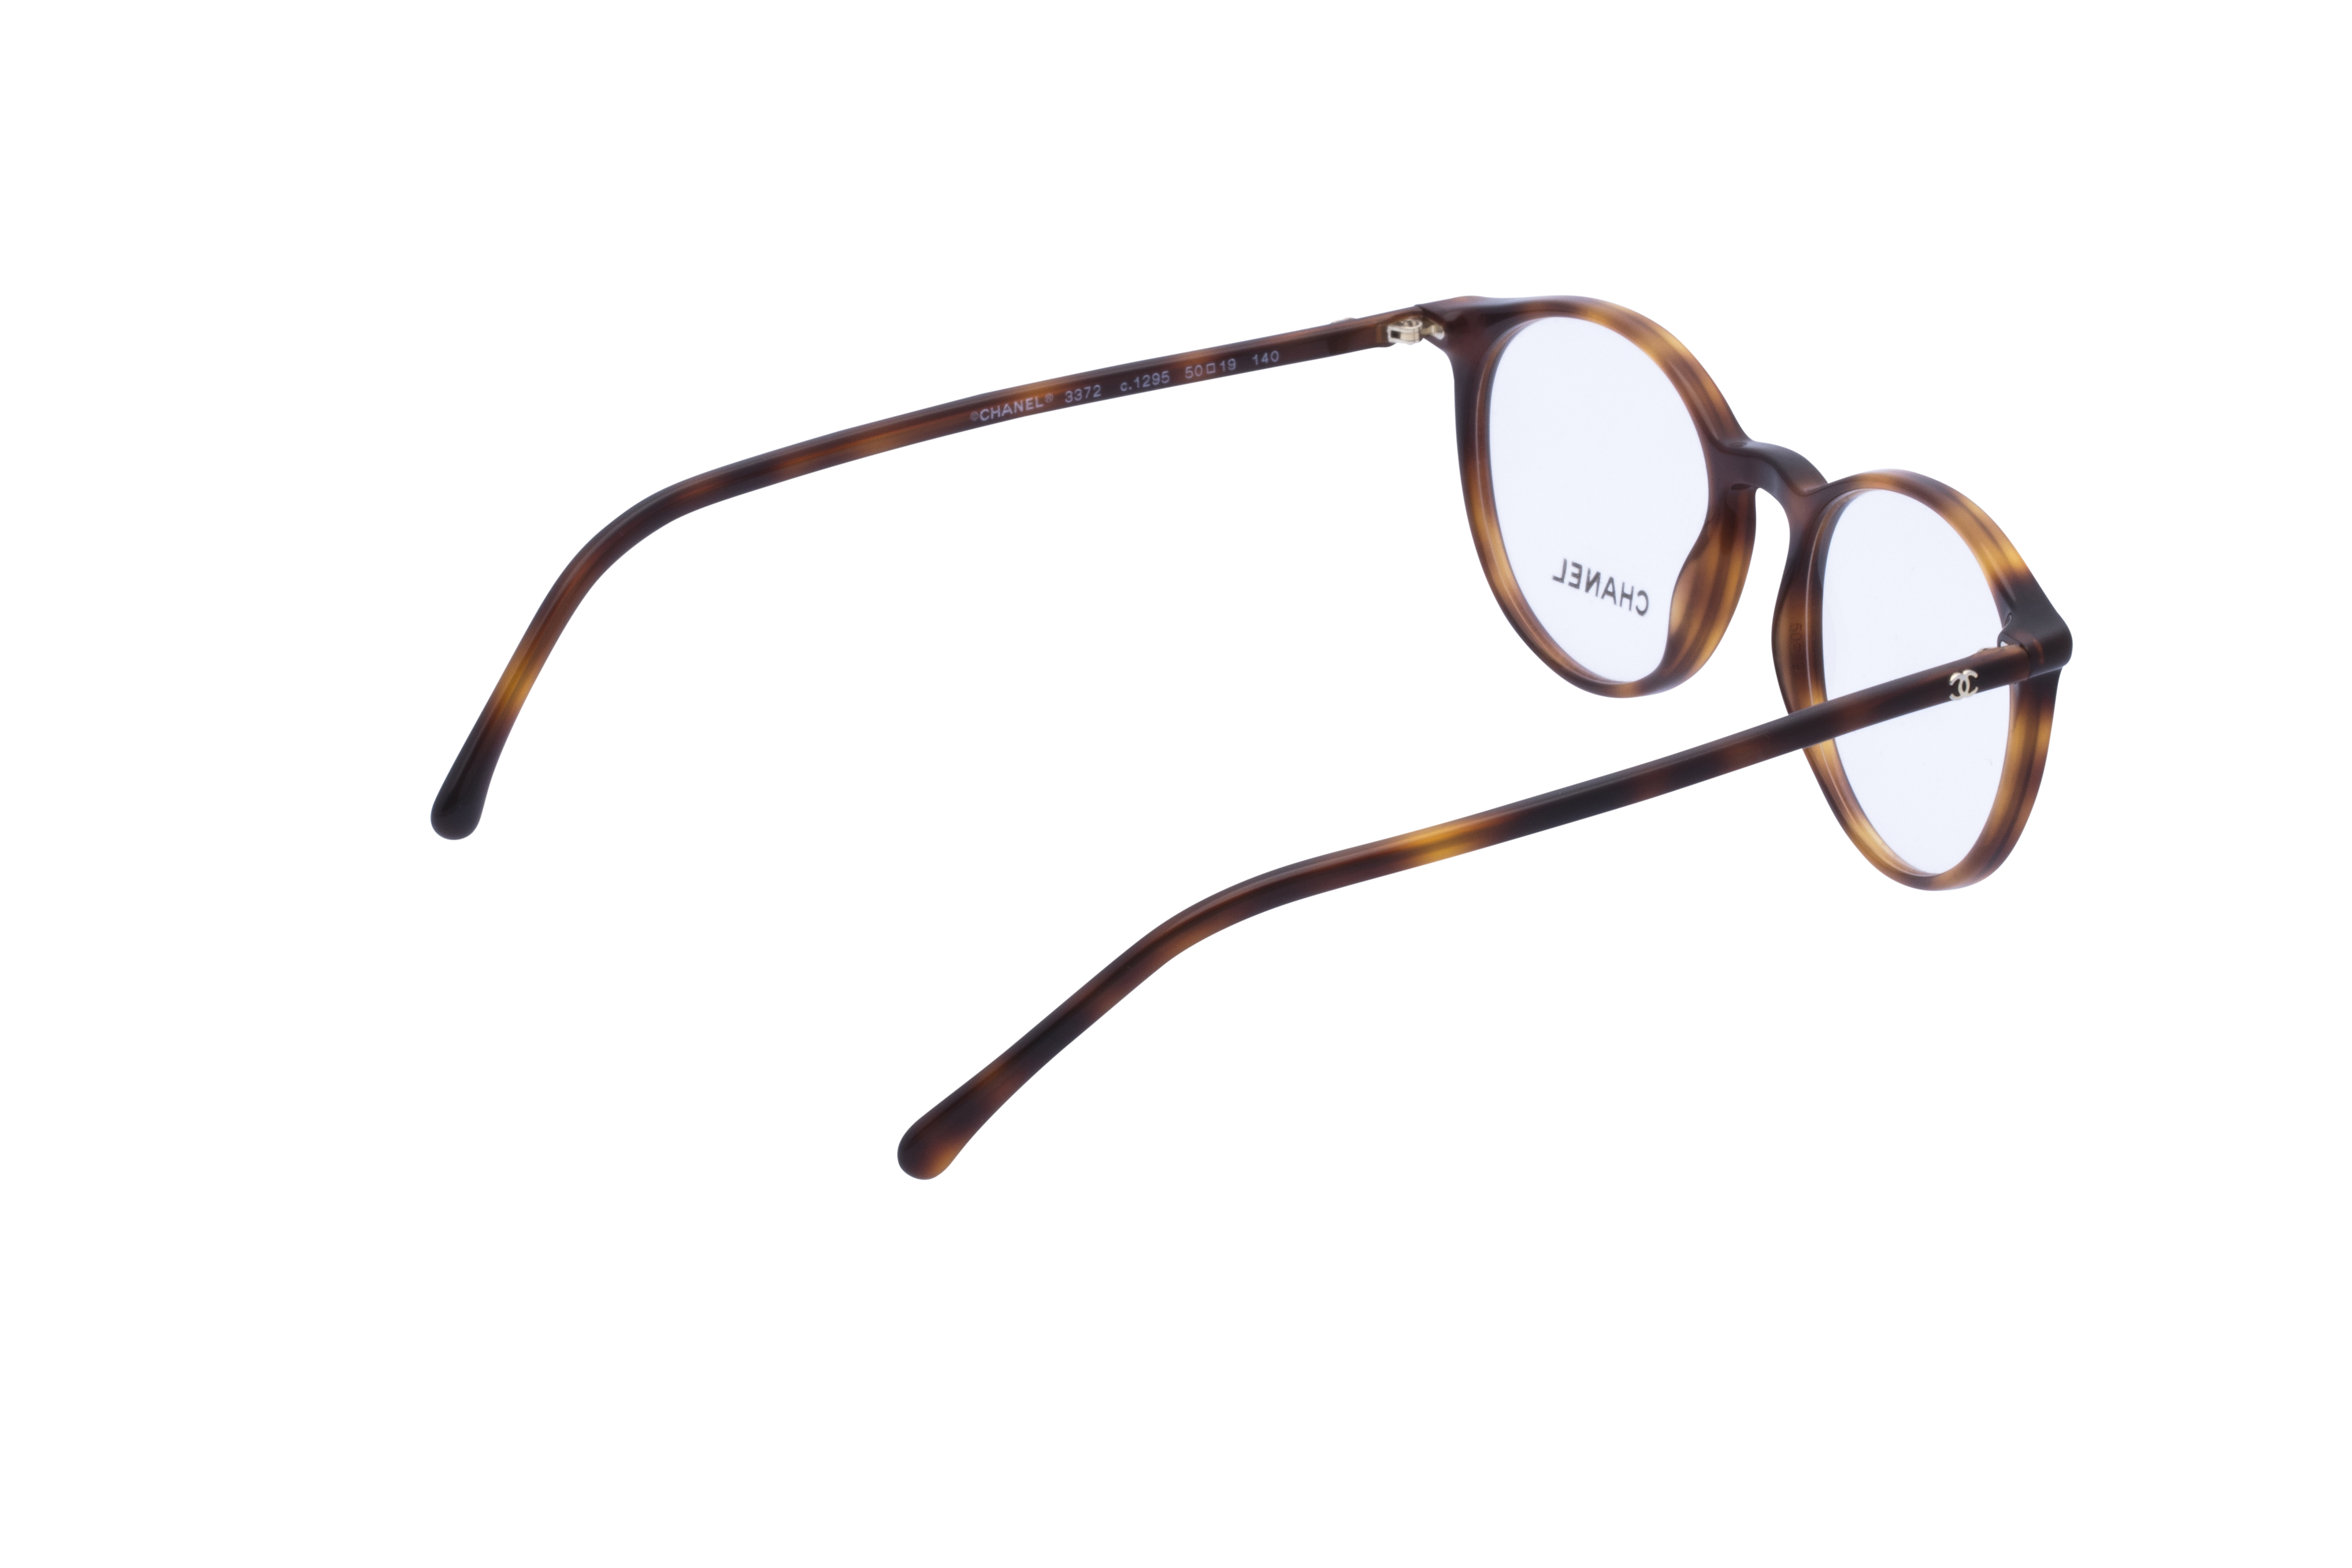 360 Grad Ansicht 8 Chanel 3372 Frontansicht, Brille auf Weiß - Fassung bei KUNK